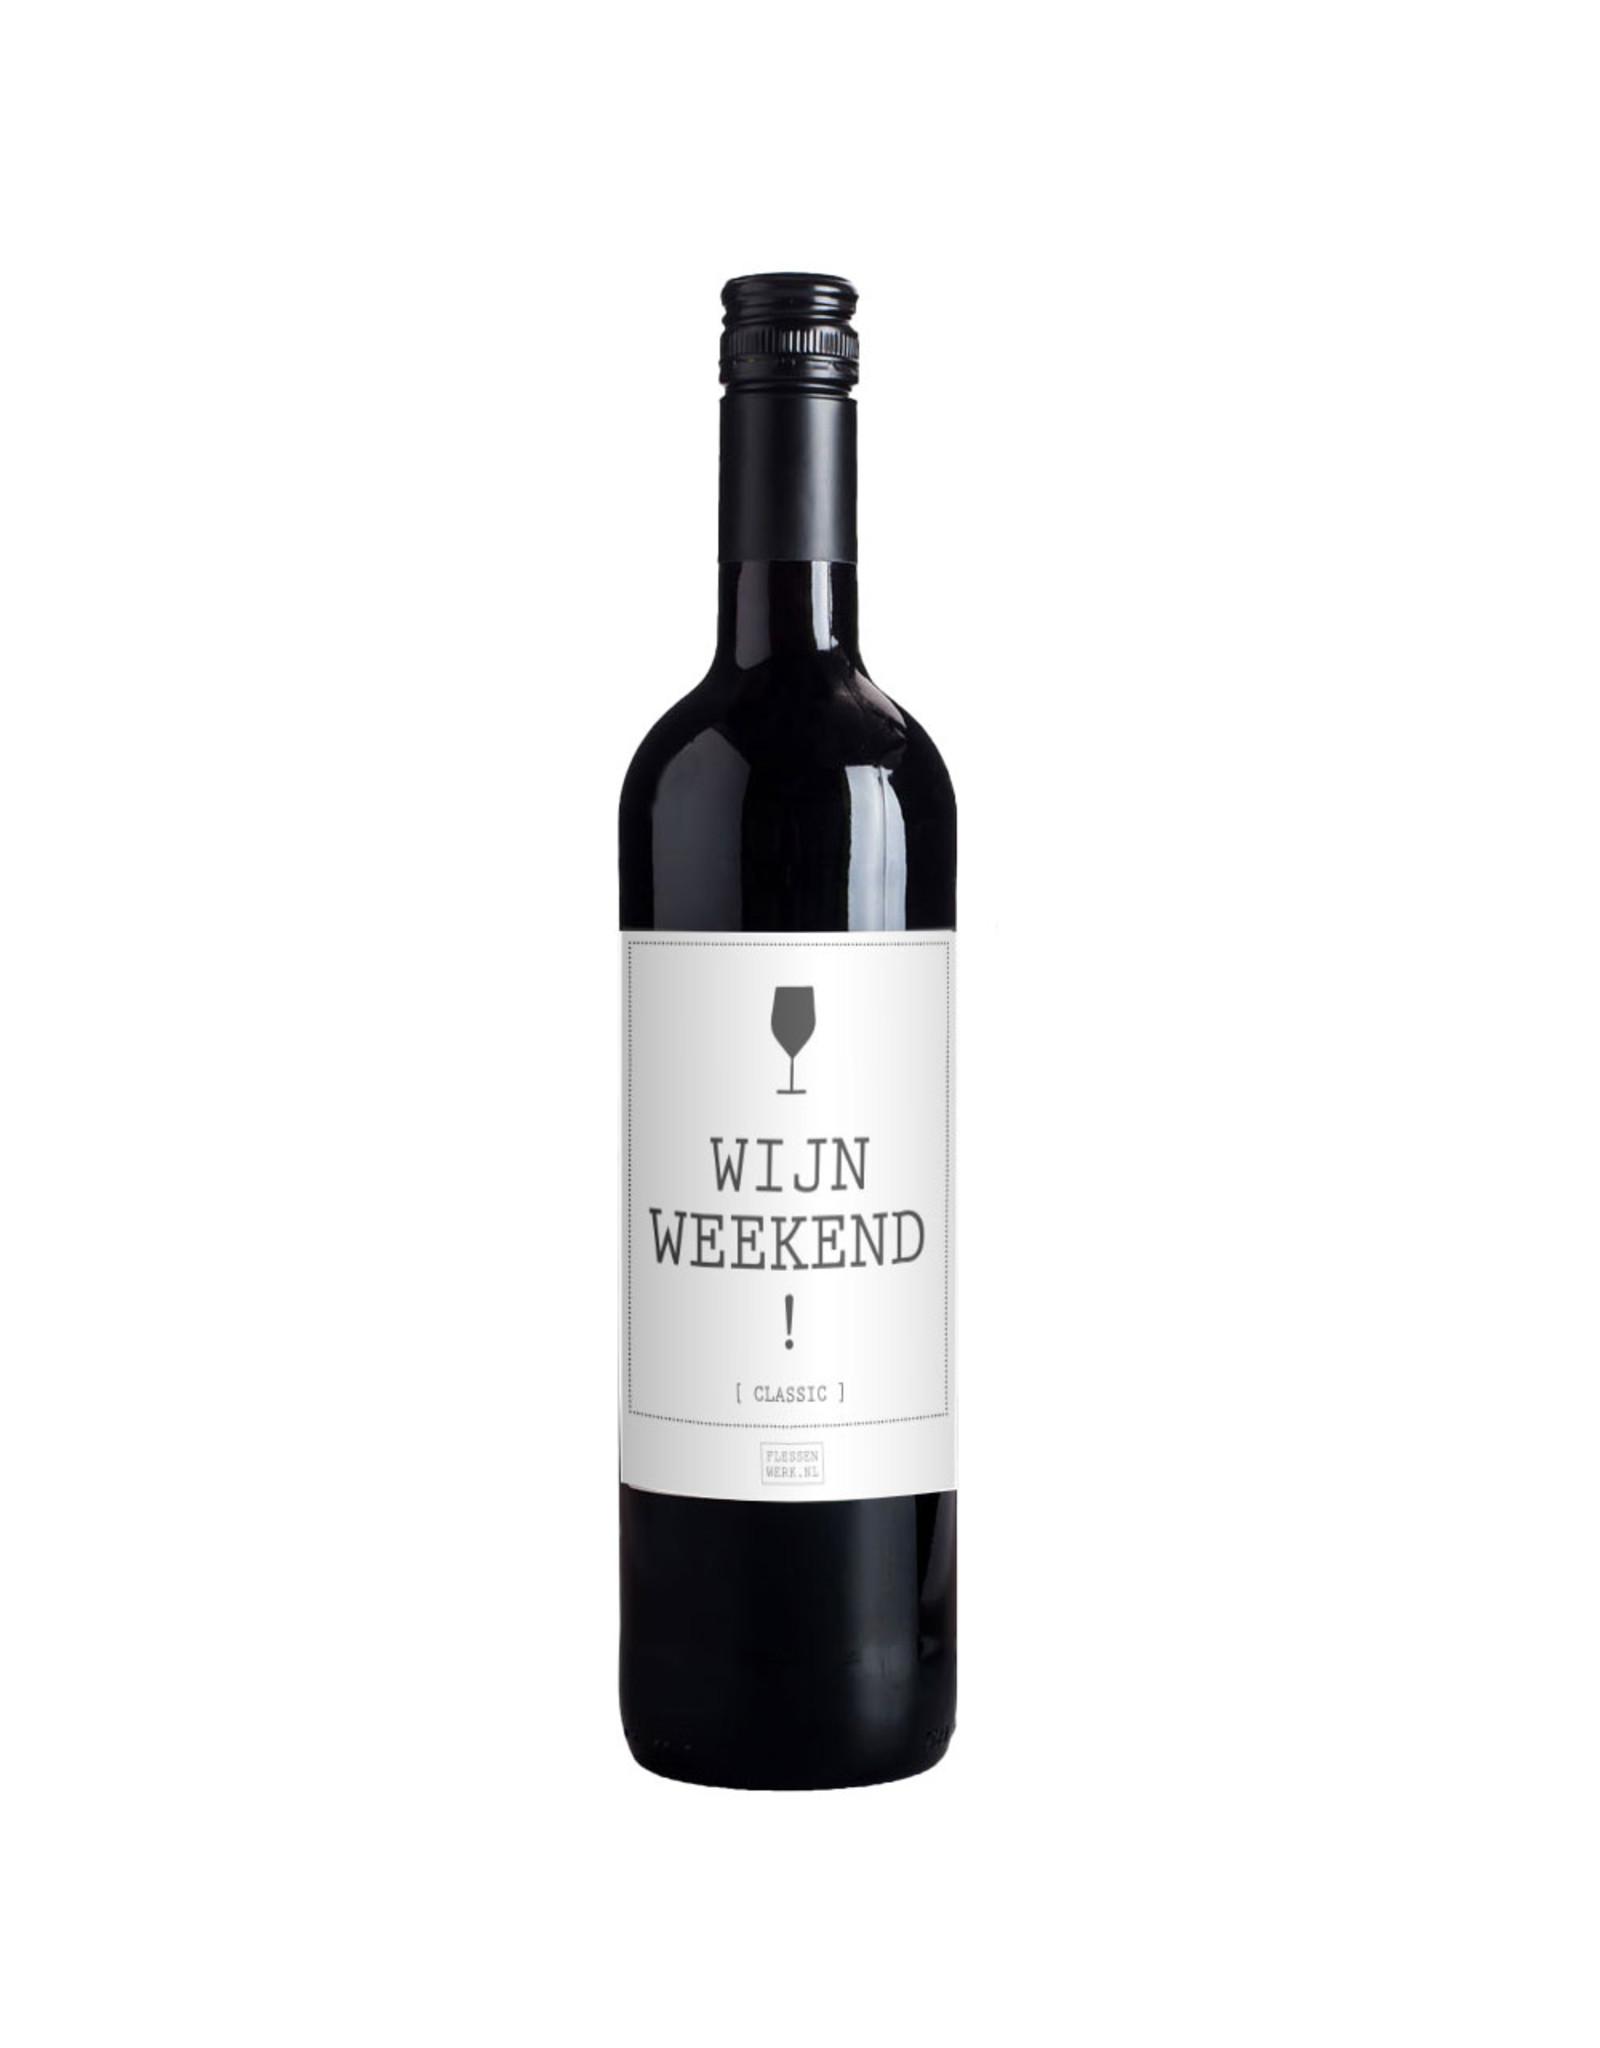 Wijn weekend! - per 6